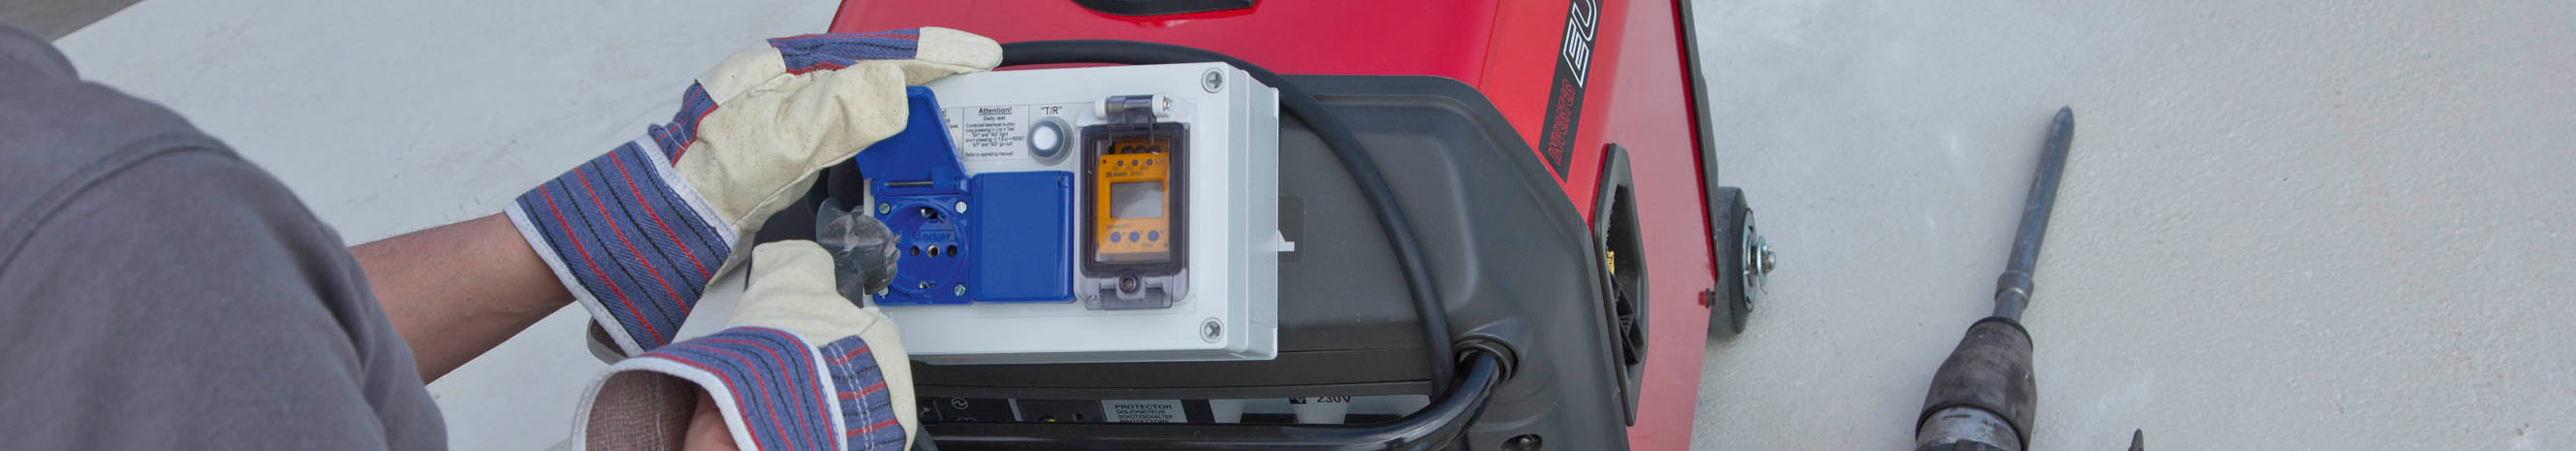 Utiliser en toute sécurité les générateurs portables